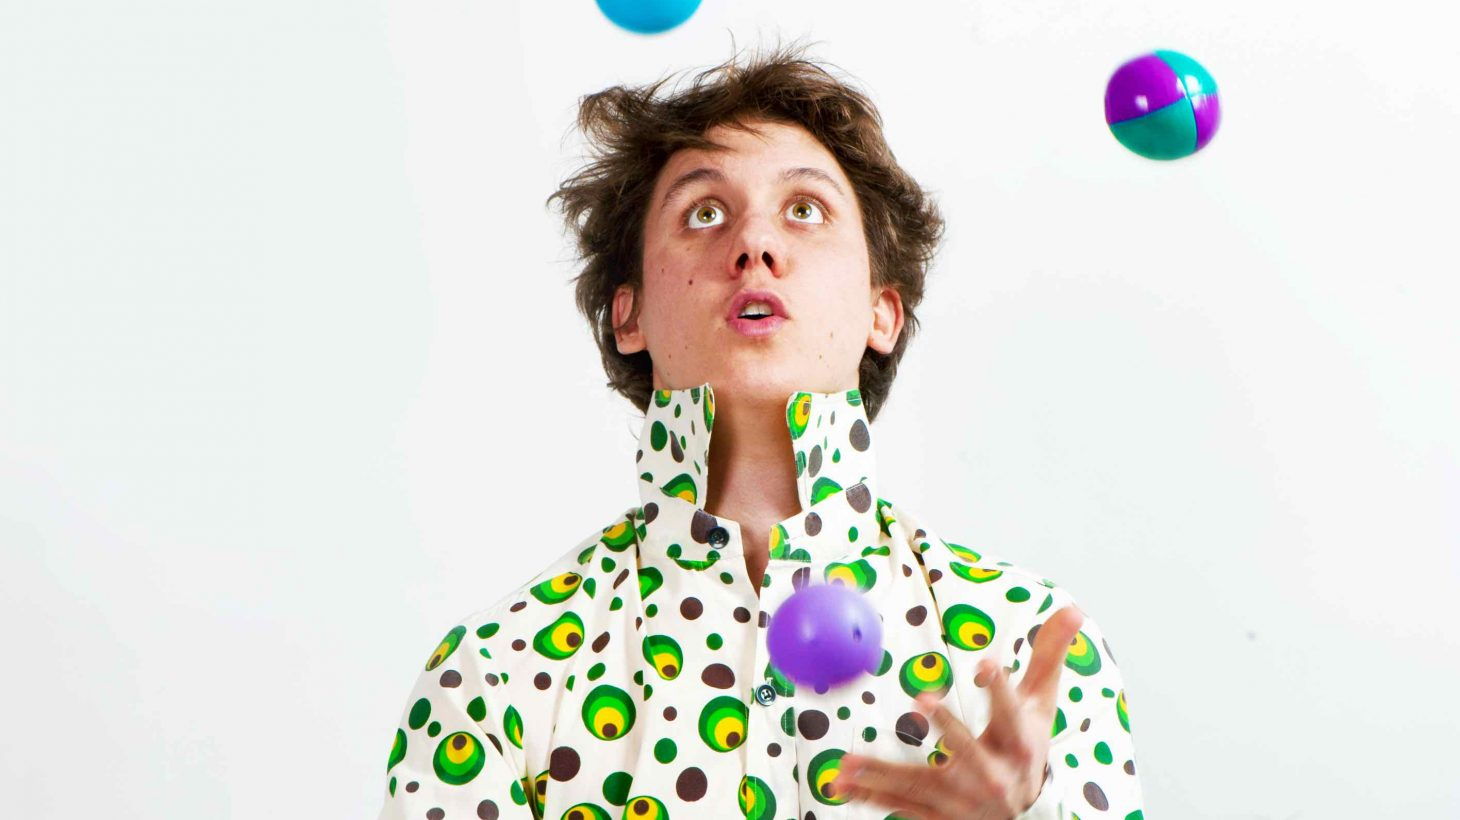 Man jonglerar med färgglada bollar.